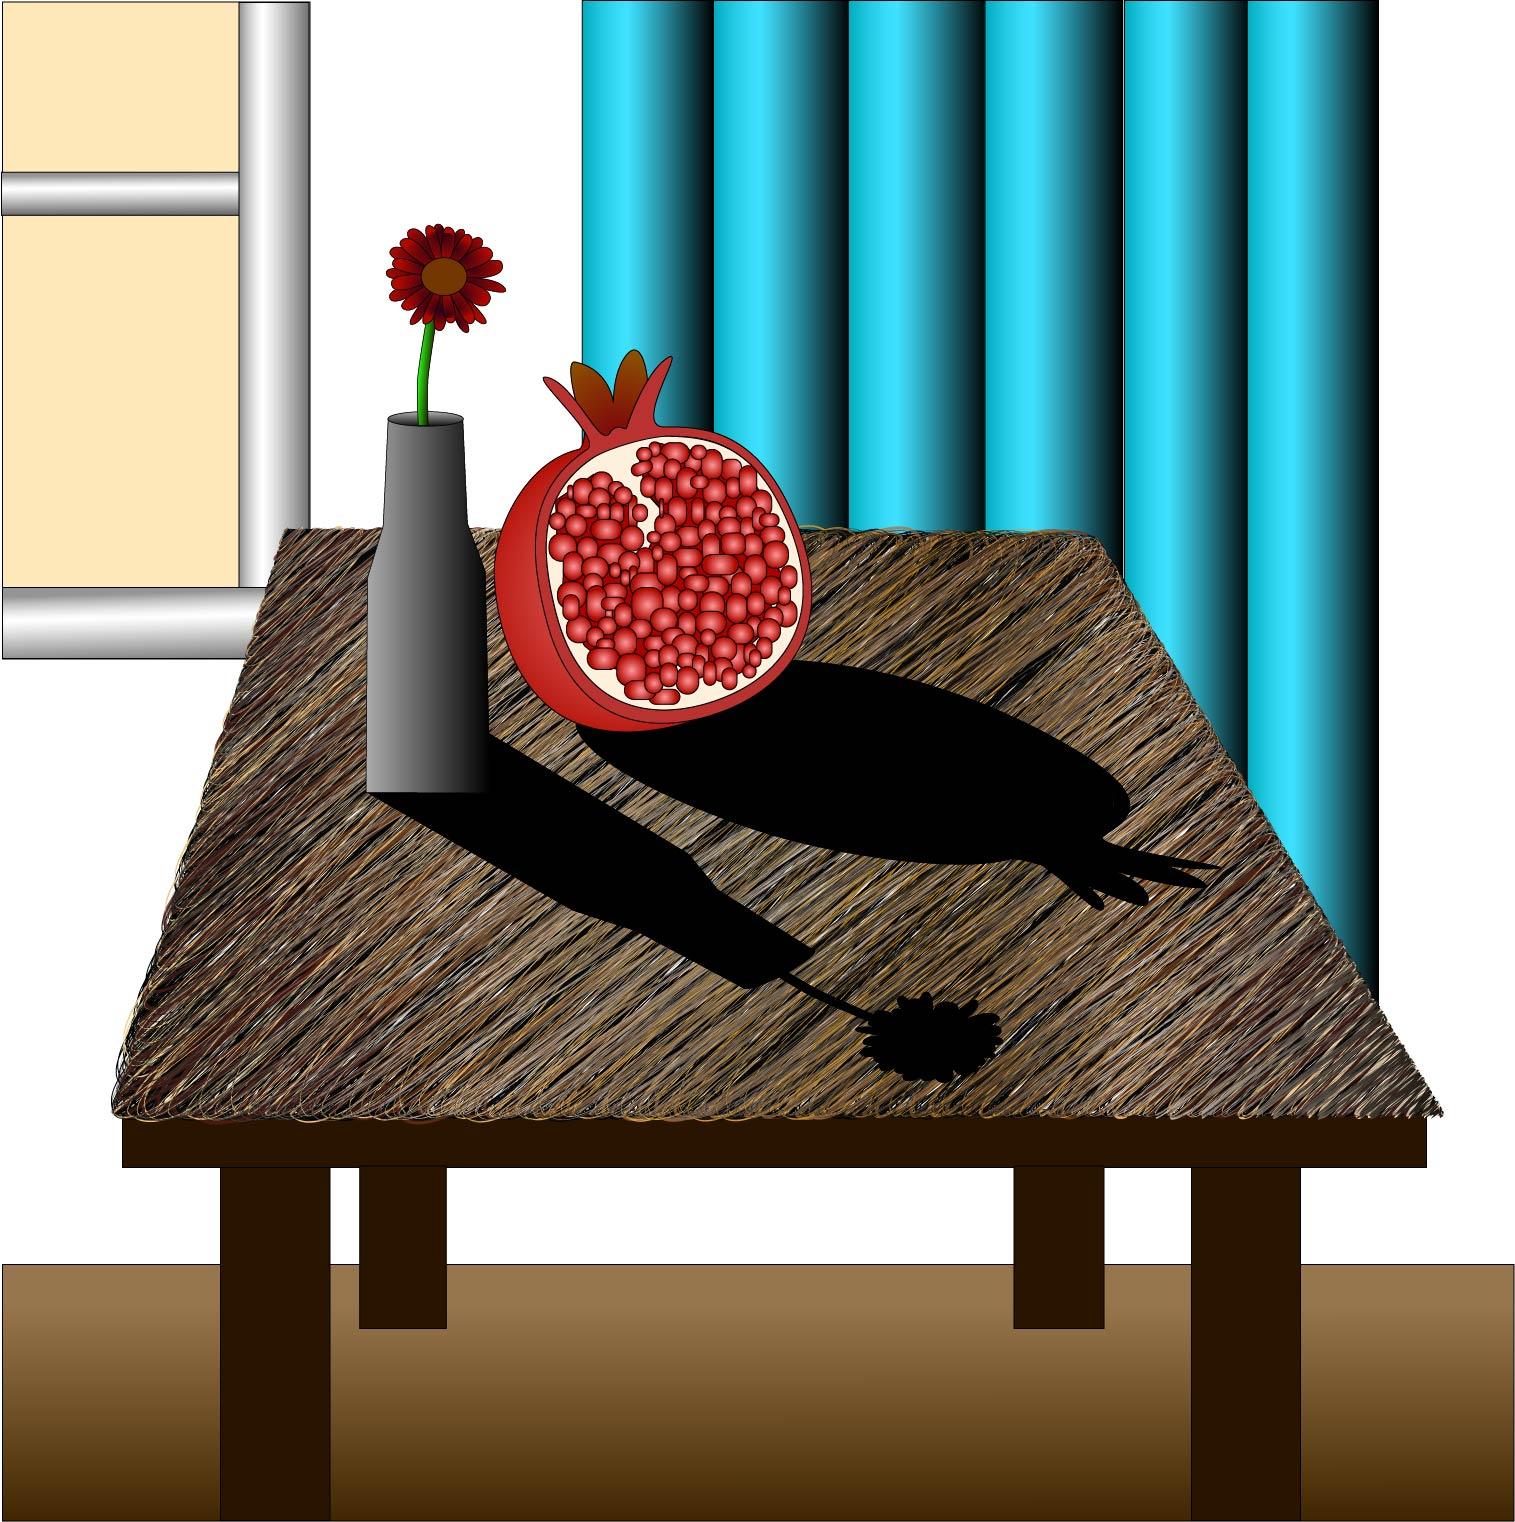 holikova-zatisi-s-vazou-a-granatovym-jablkem